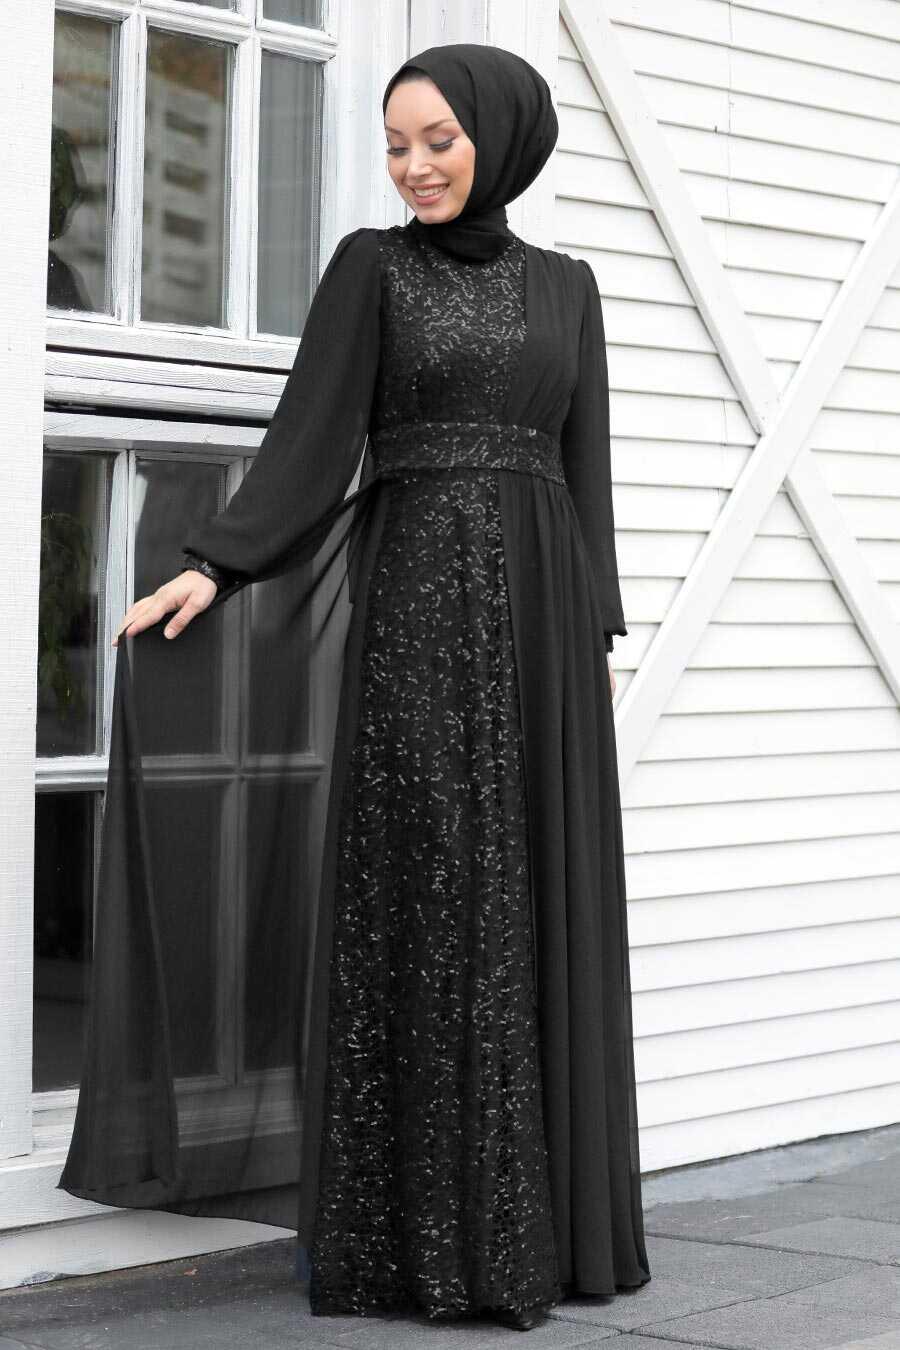 Black Hijab Evening Dress 5408S